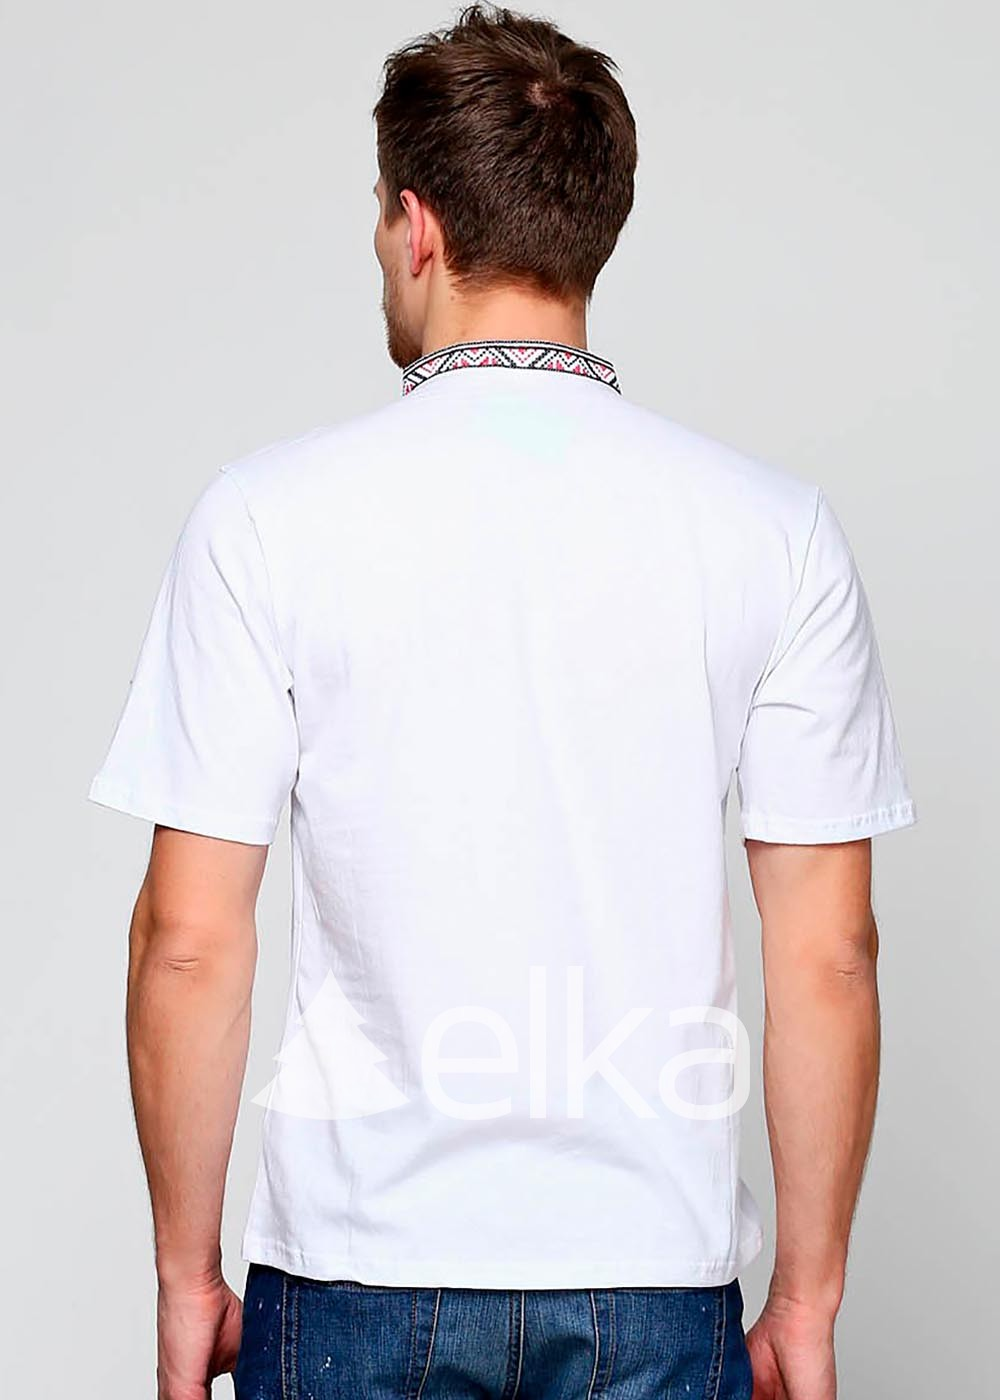 Мужская вышитая футболка Народная белая